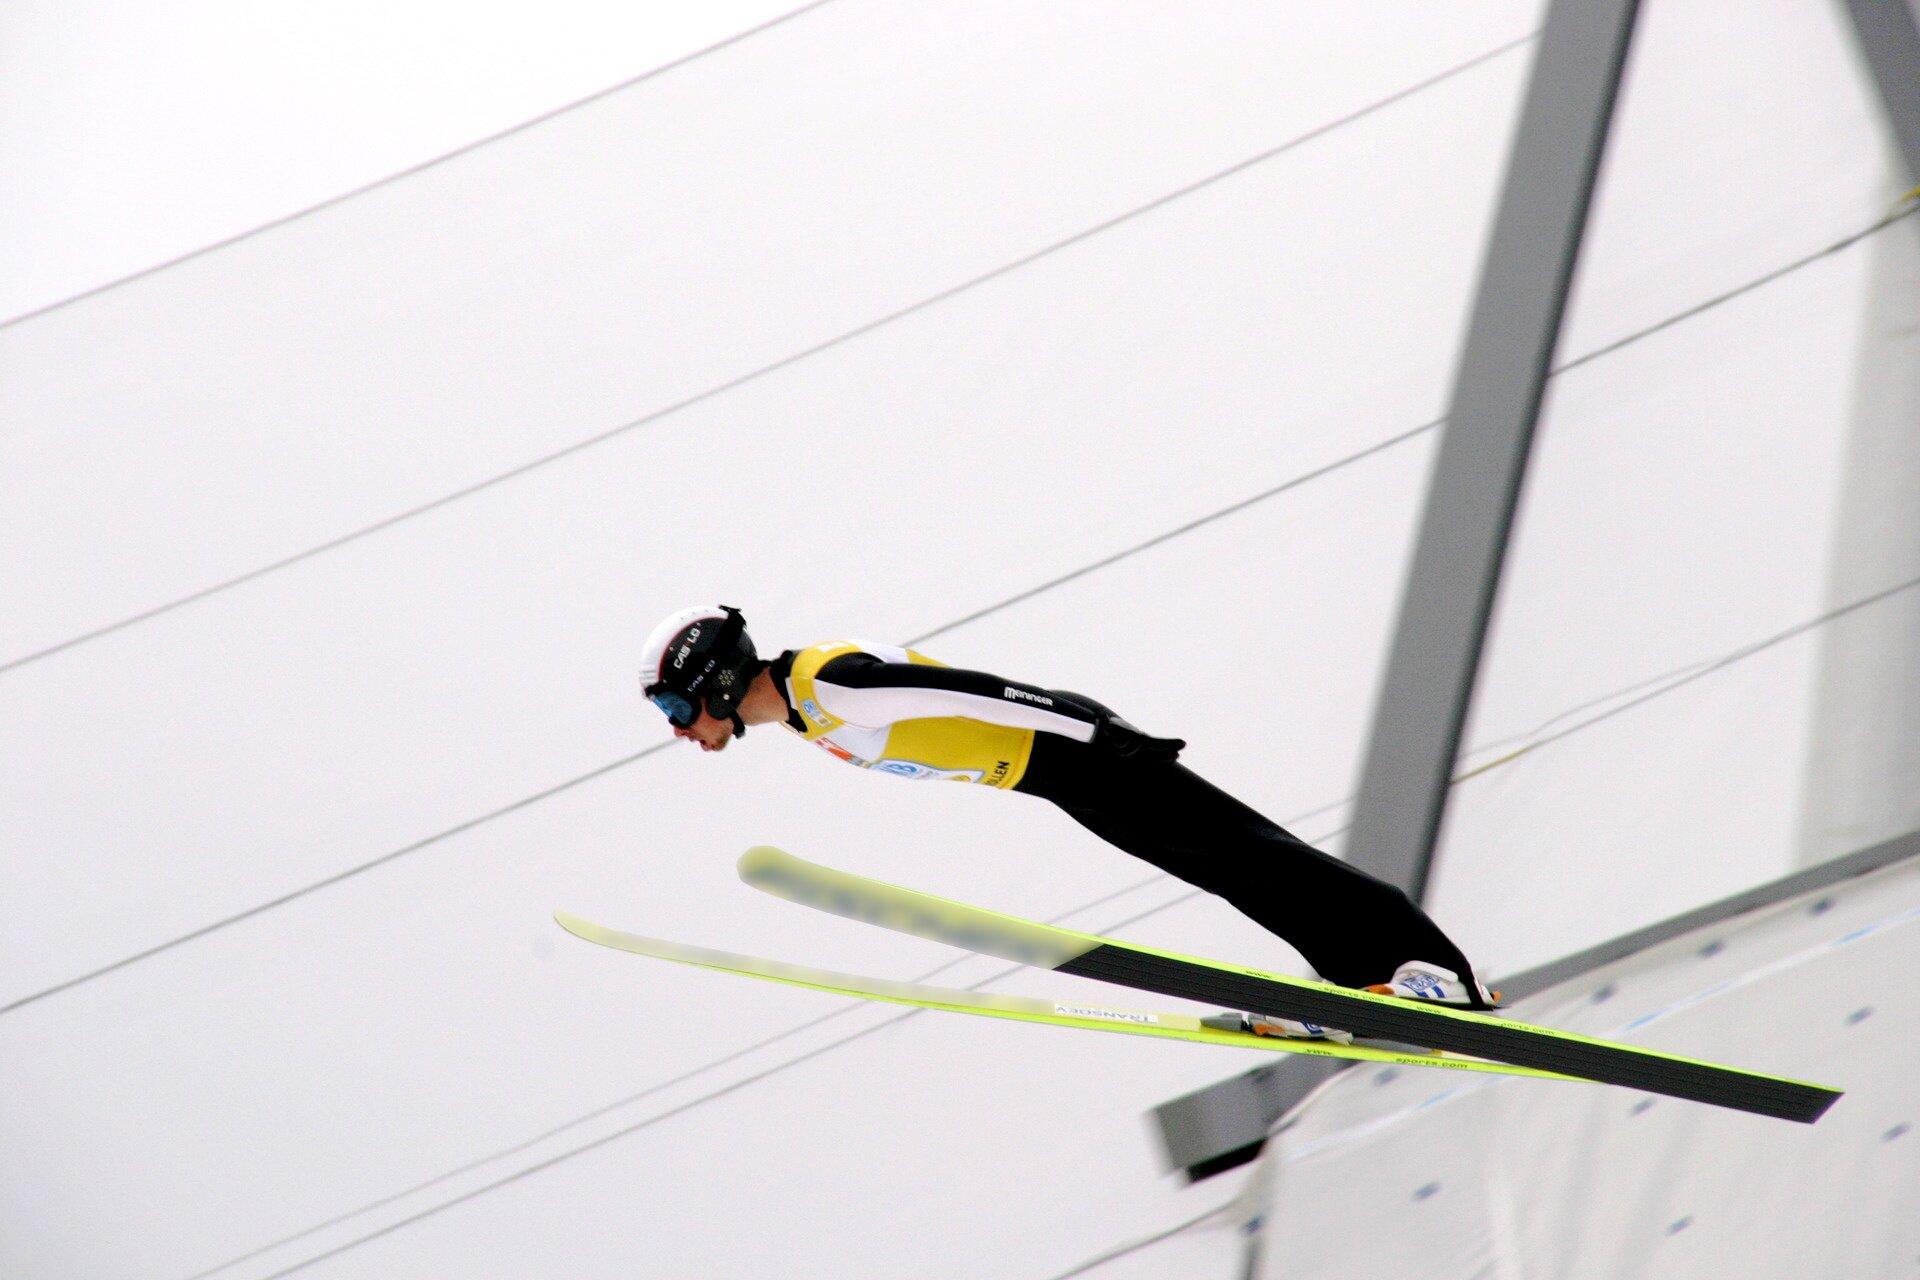 Zdjęcie przedstawia skoczka narciarskiego wpowietrzu tuż po wyjściu zprogu. Jest on zwrócony wlewą stronę kadru, aciało układa się już wsylwetkę odpowiednią do układu V. Tło jest białe, kombinezon sportowca ijego narty są czarno żółte.